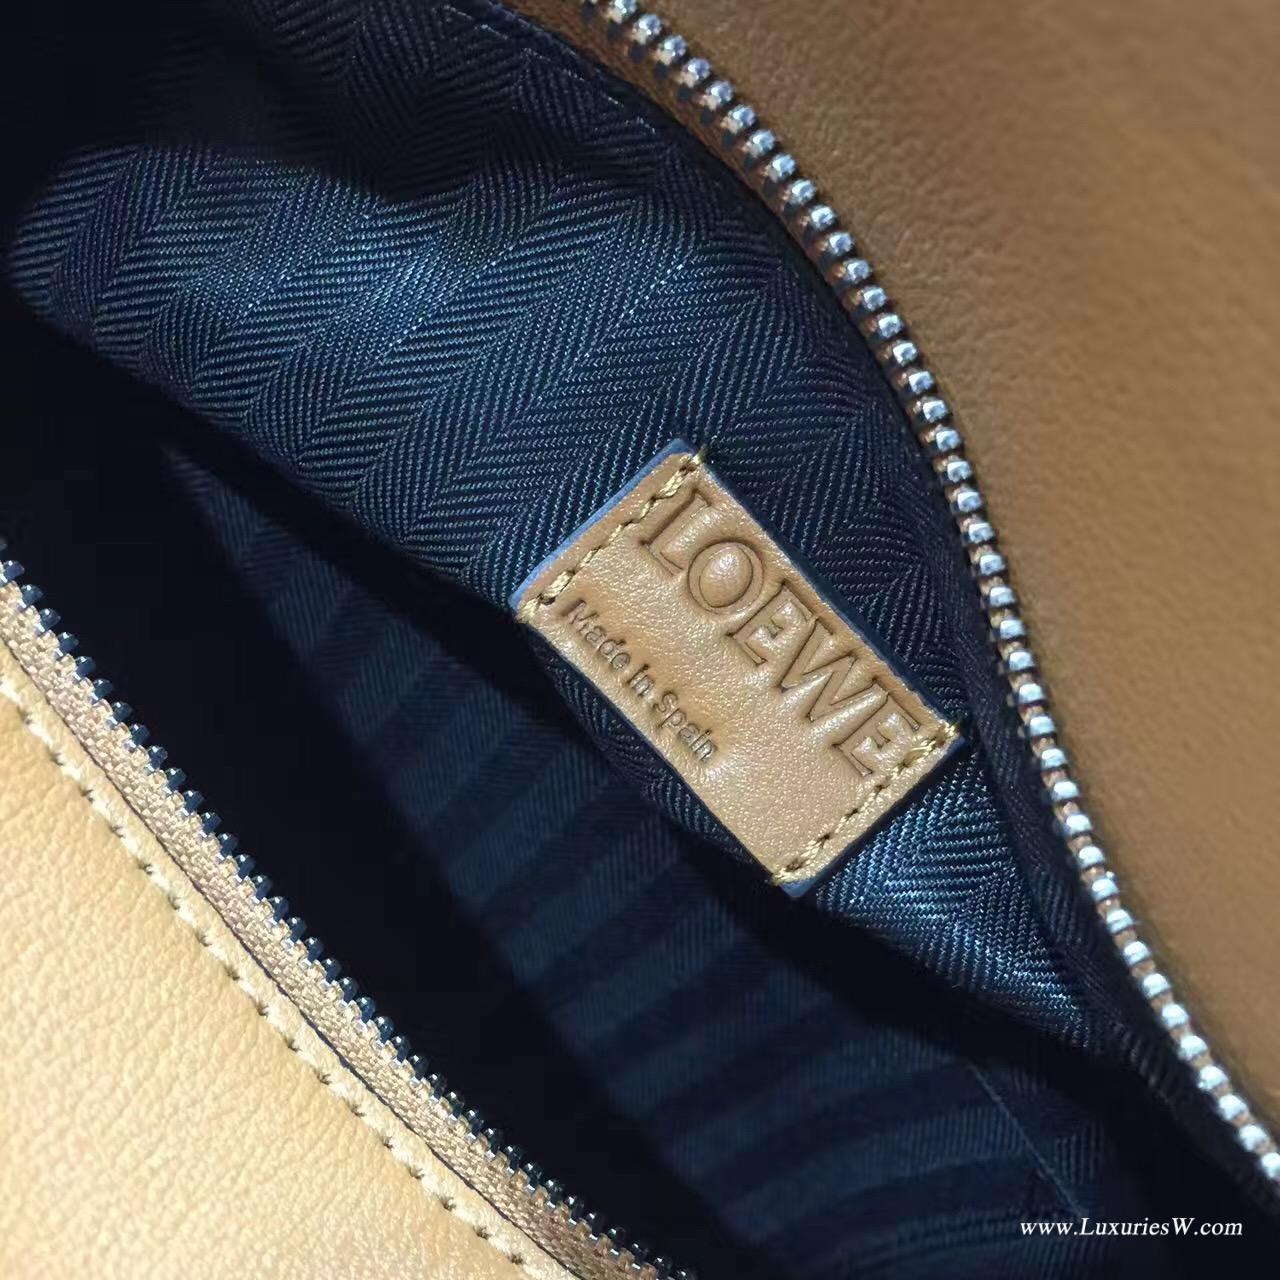 羅意威LOEWE包包 中號 Puzzle Bag 棕色 多拉鏈款 30cm 折疊幾何包